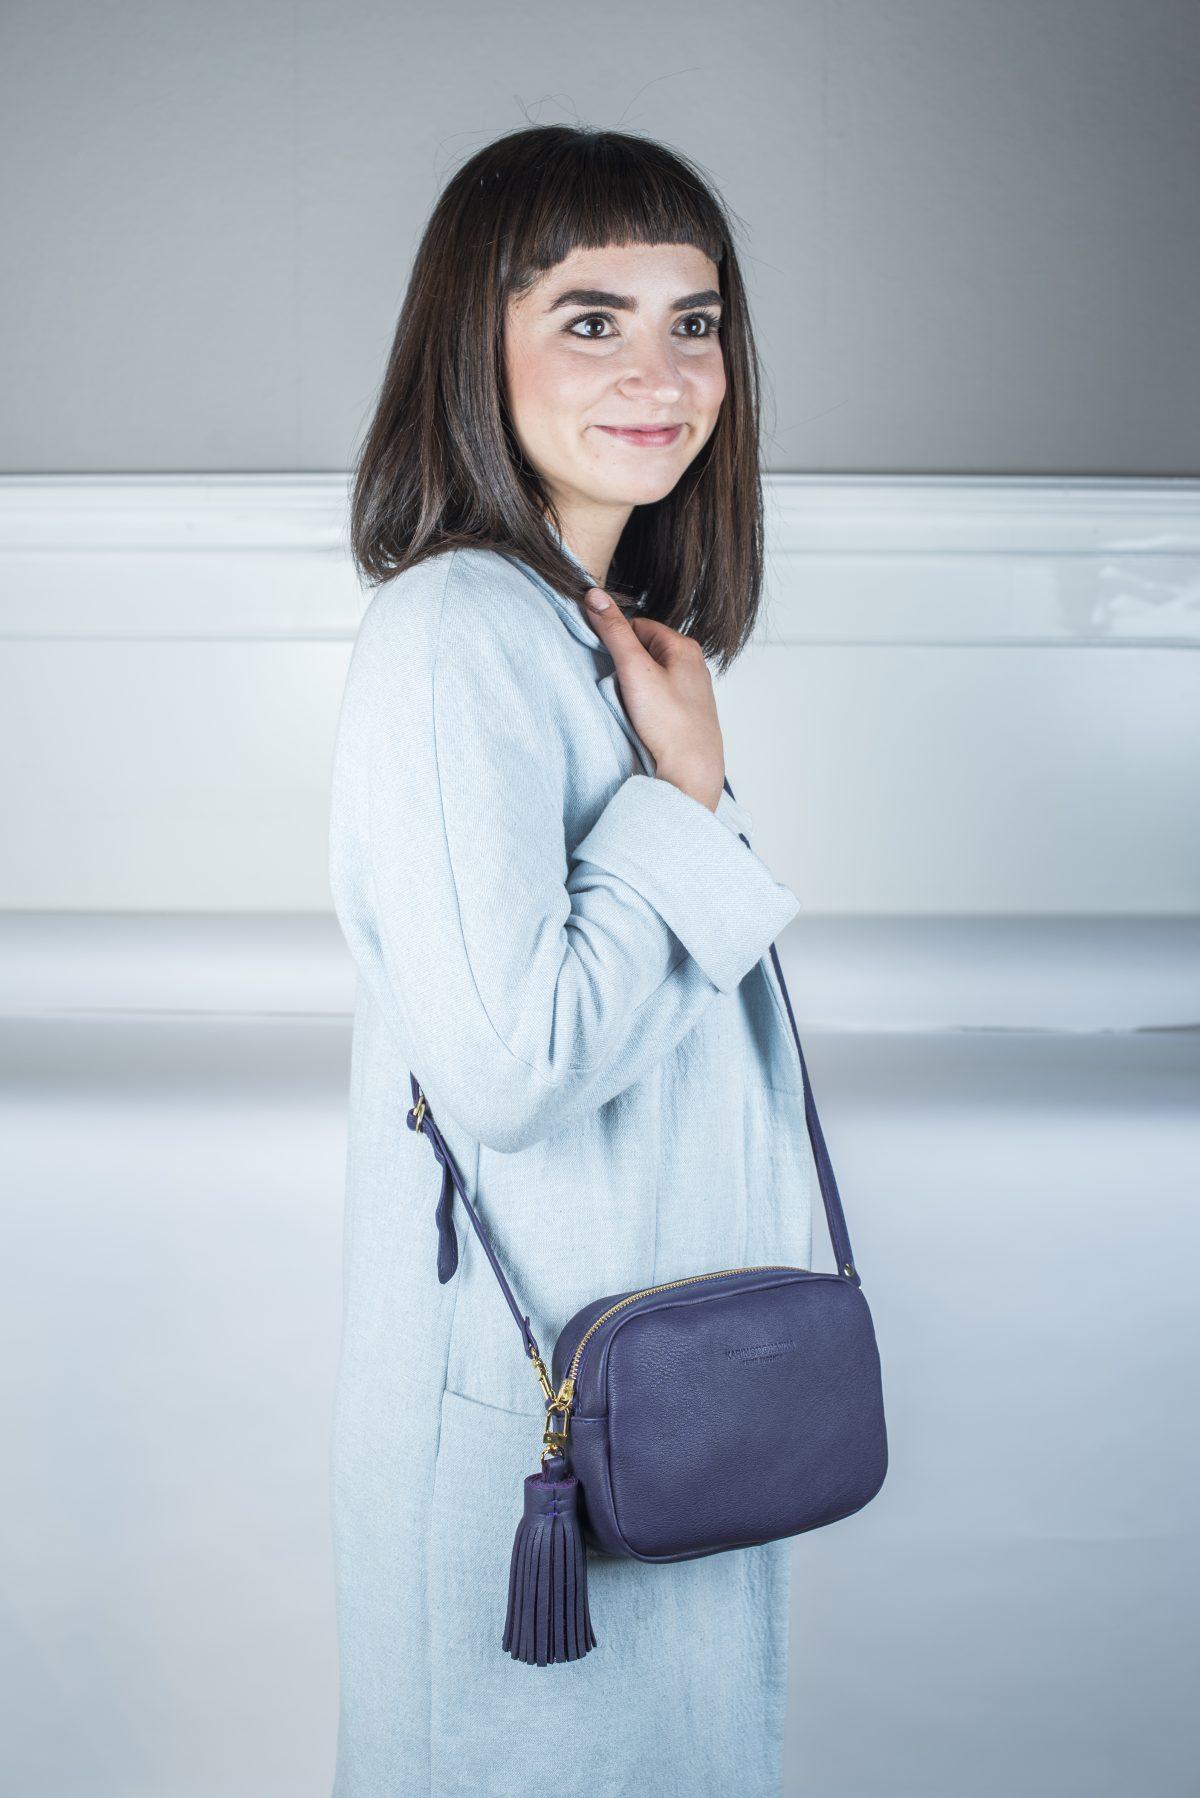 Die Crossbody Lilly – Tasche ist in Lila gehalten und ist mit einem Anhänger aus dem selben Ledermaterial wie die Tasche besetzt. Reißverschluss ist in Gold